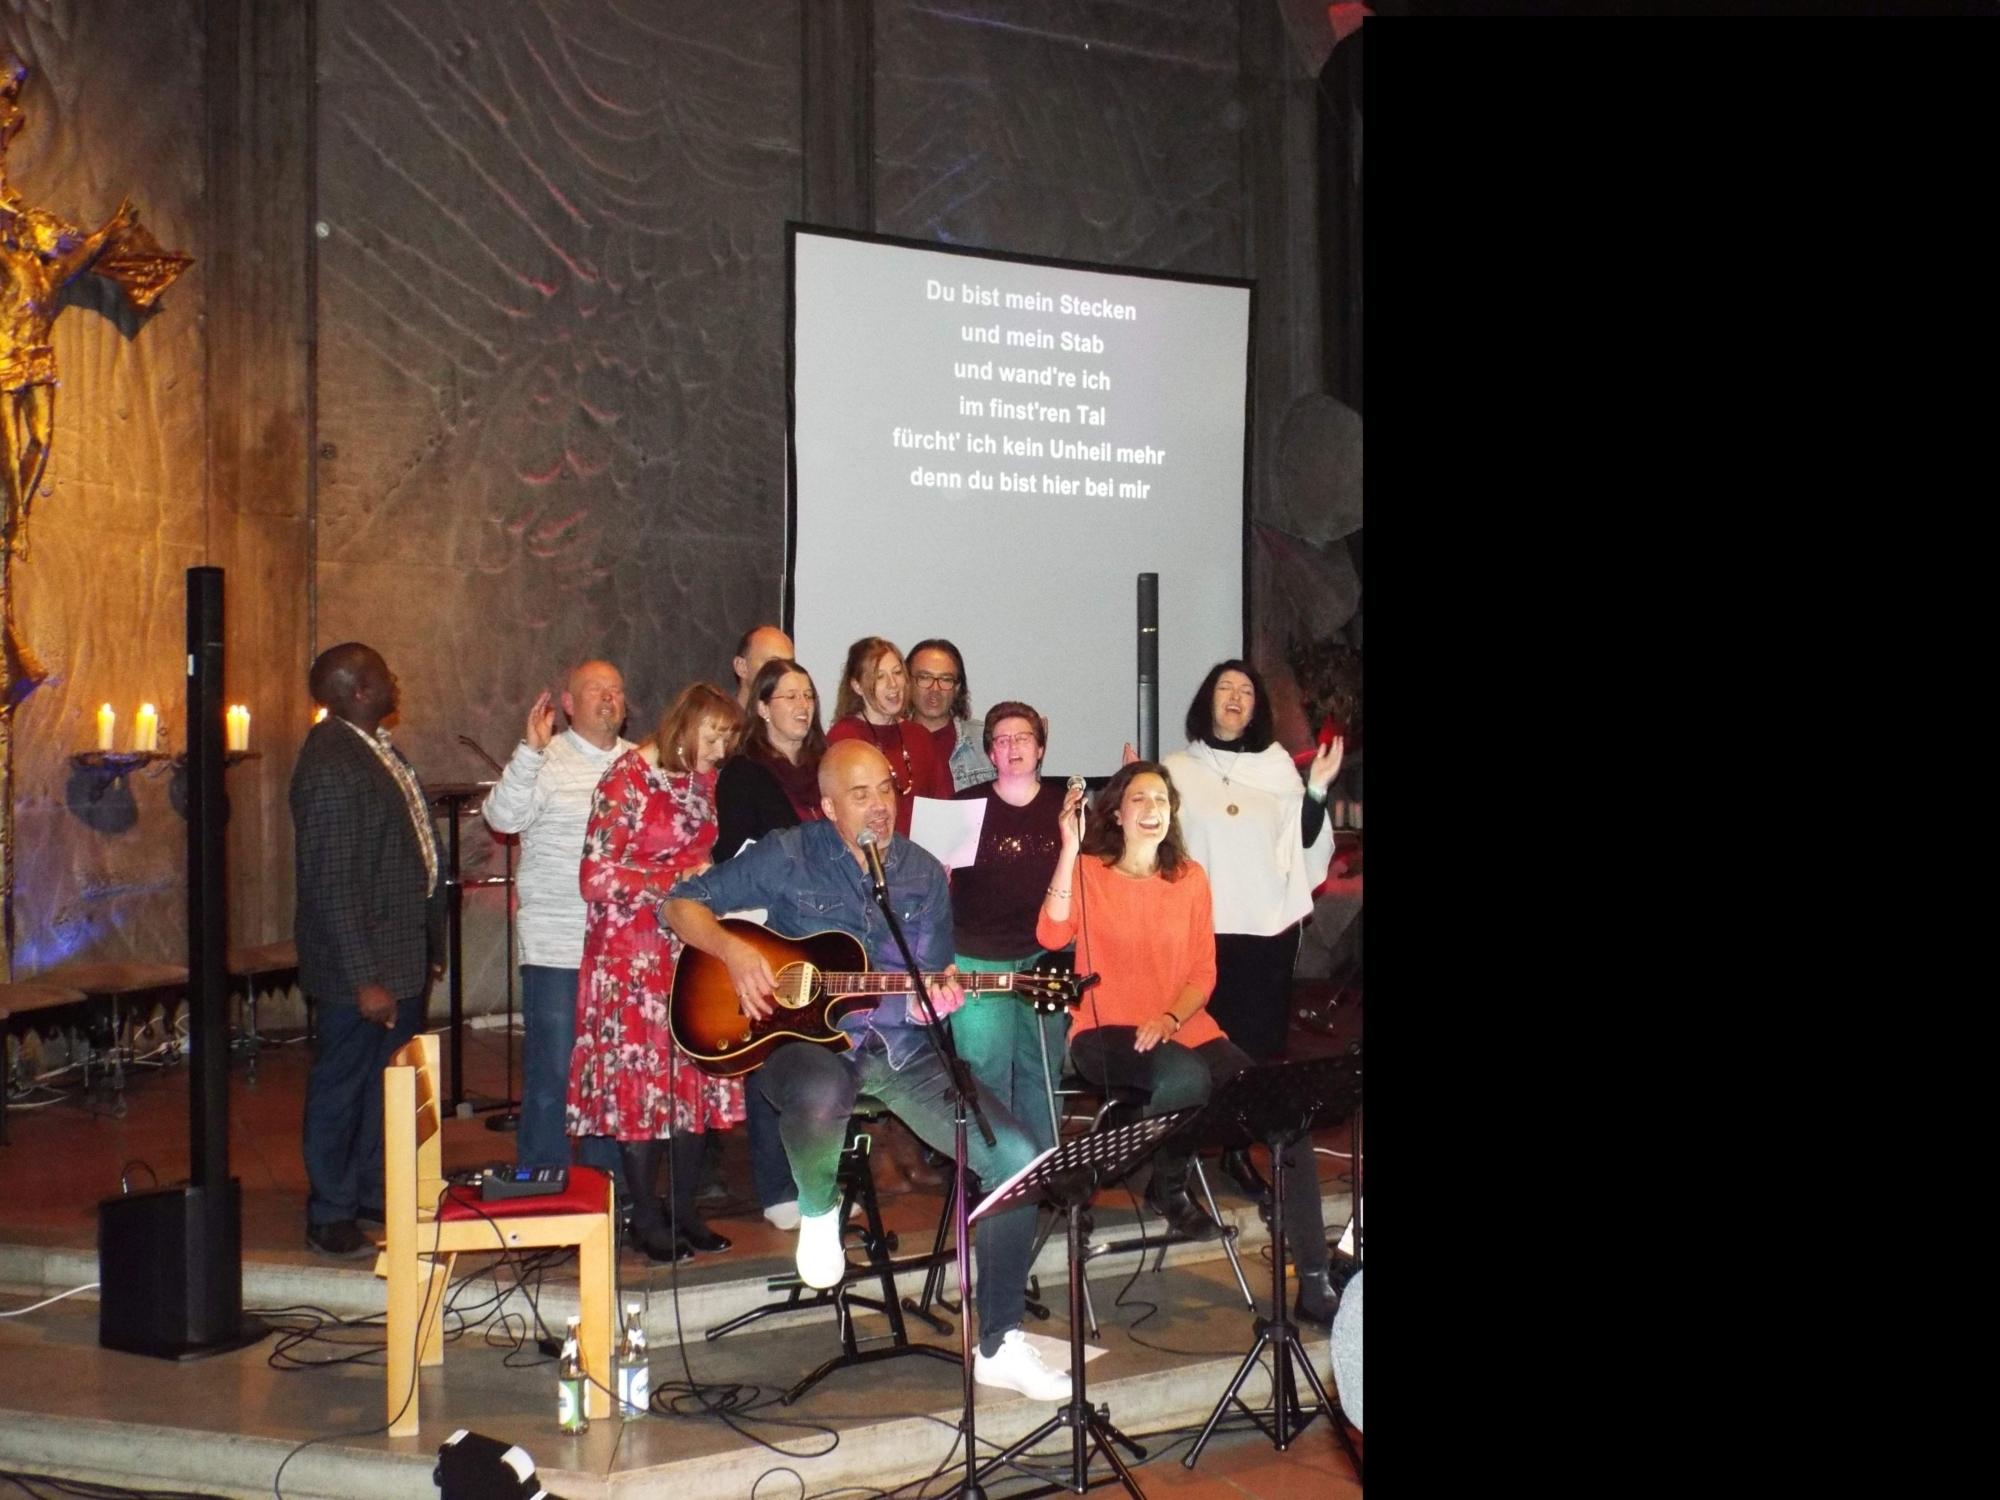 2 Passauer Worship Night Wunderbarer Hirt Z Uuschnitt